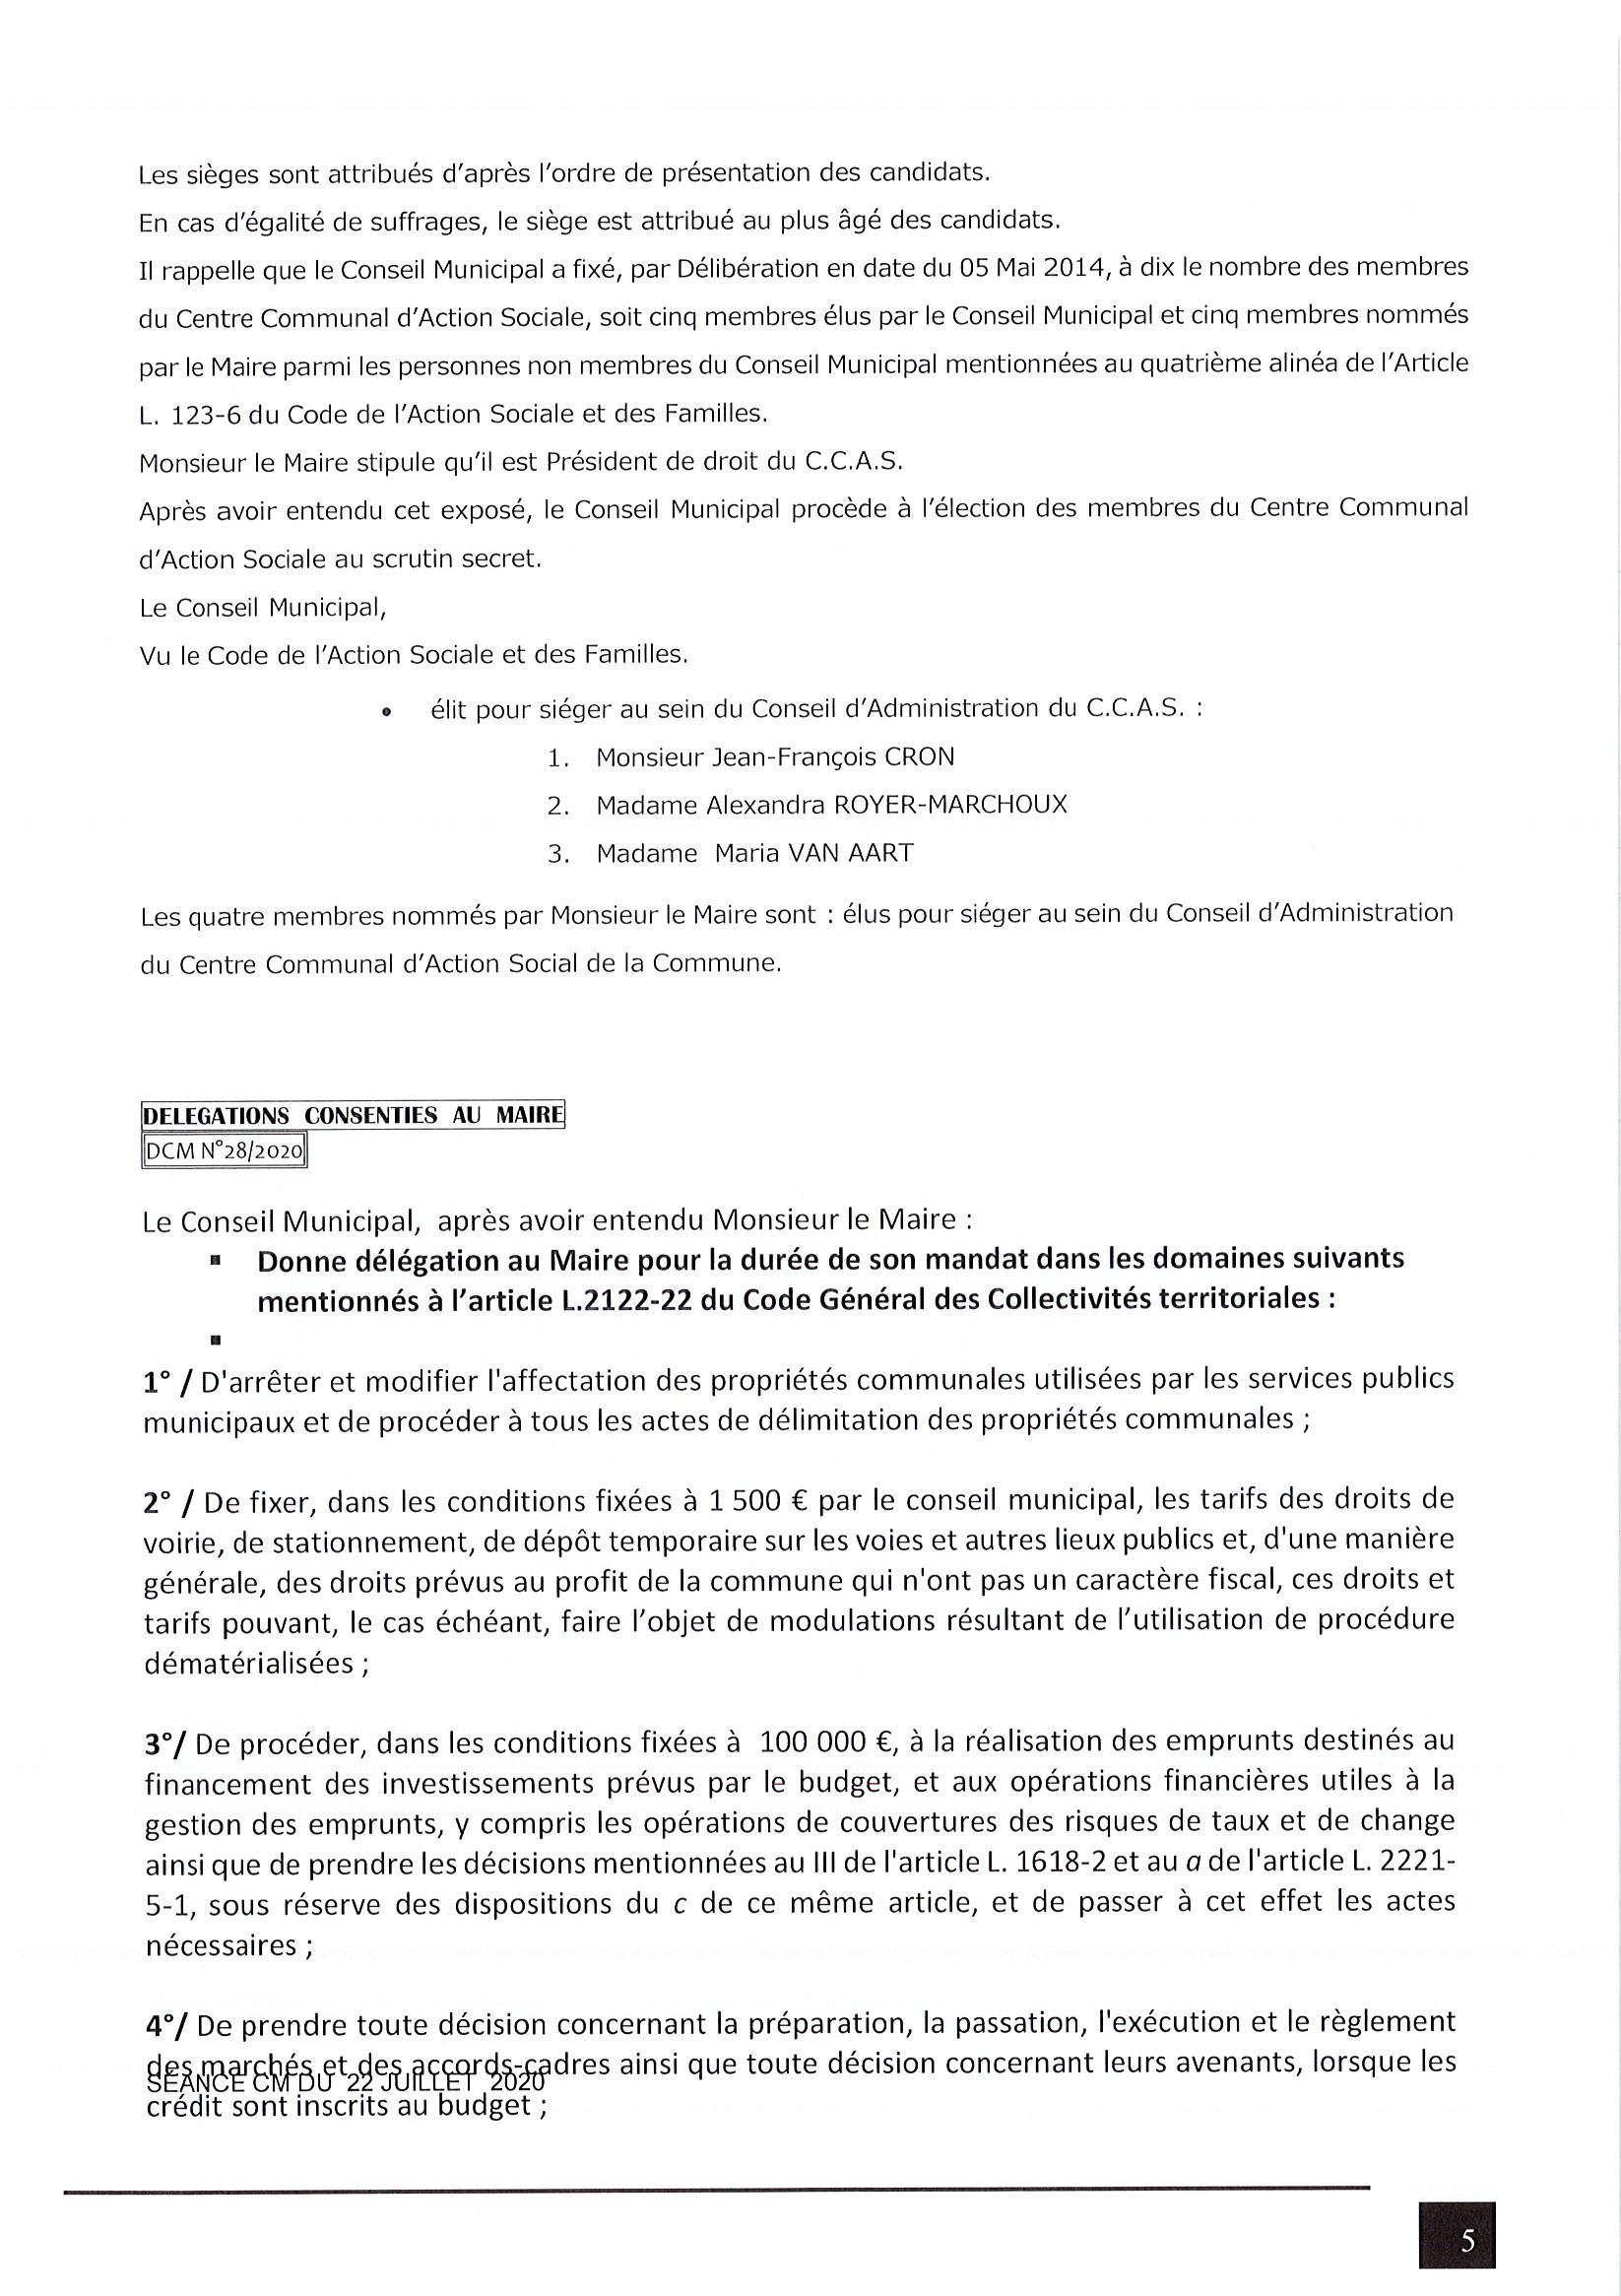 accueil/doc101120-10112020121830-0023.jpg